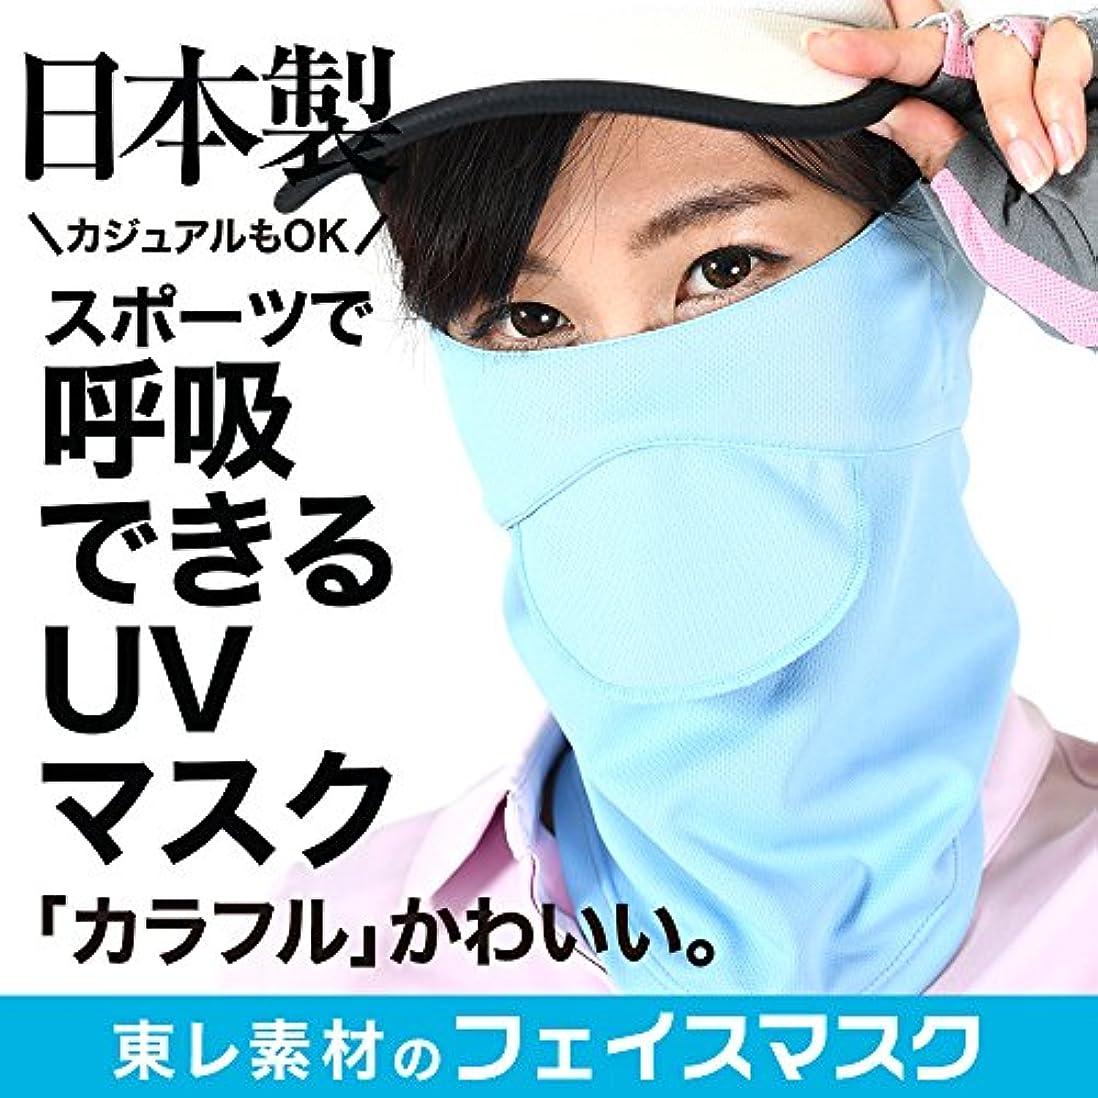 あいまい順応性のある存在『80fa-001-cd』「呼吸のしやすさ」を追求した超UVカット☆フェイスマスク パステルブルー レディースに人気、顔、首、耳の日焼けを防止するフェイスカバー、注目の紫外線対策。推奨:登山 マリンスポーツ テニスウエア ゴルフウェア ウォーキング 自転車 フェス 【Lot no. H014PB】